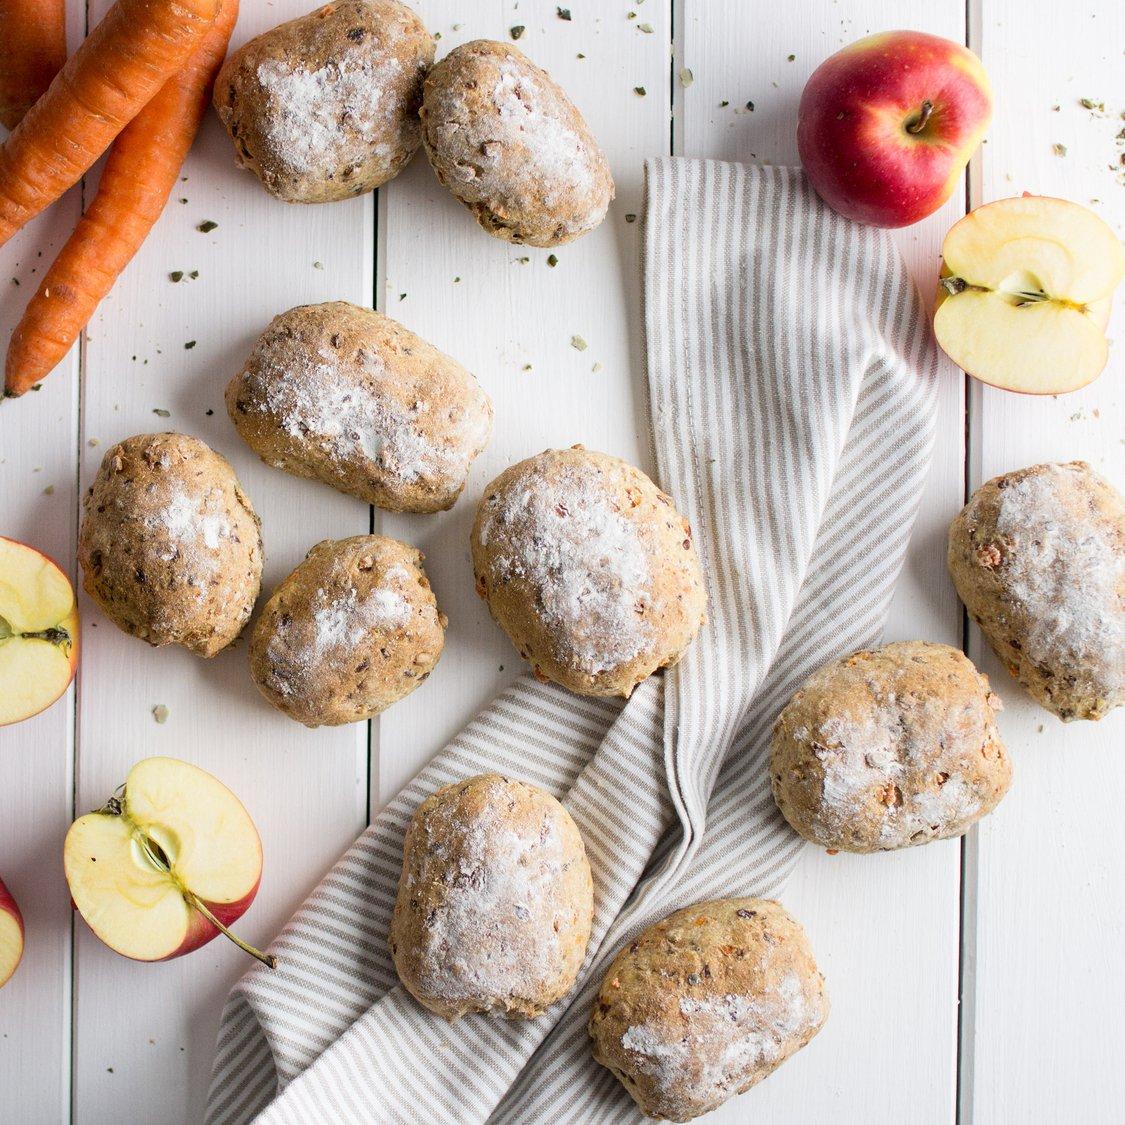 Möhren-Apfel-Brötchen